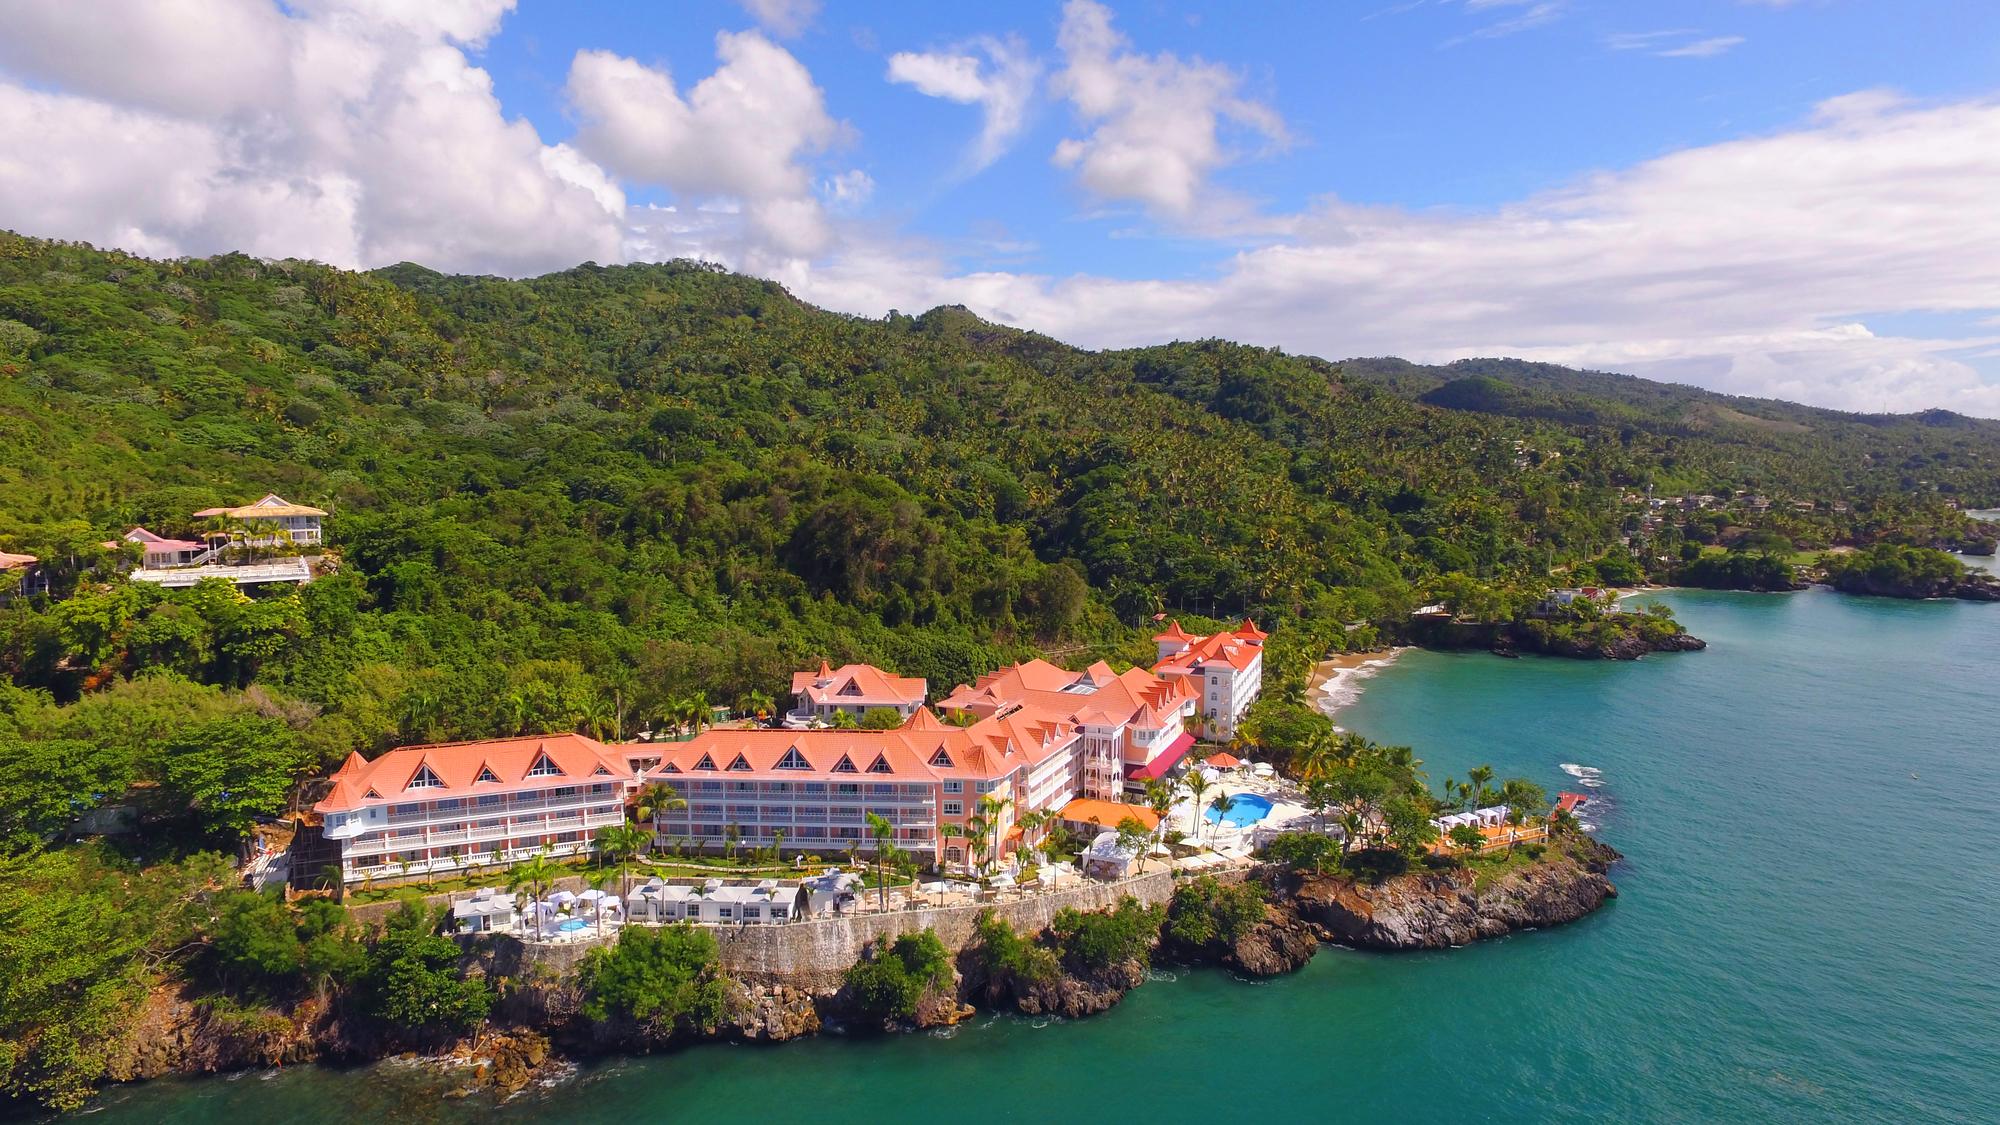 Bahía Príncipe replantea abrir mayoría de sus hoteles en RD el 1 de noviembre